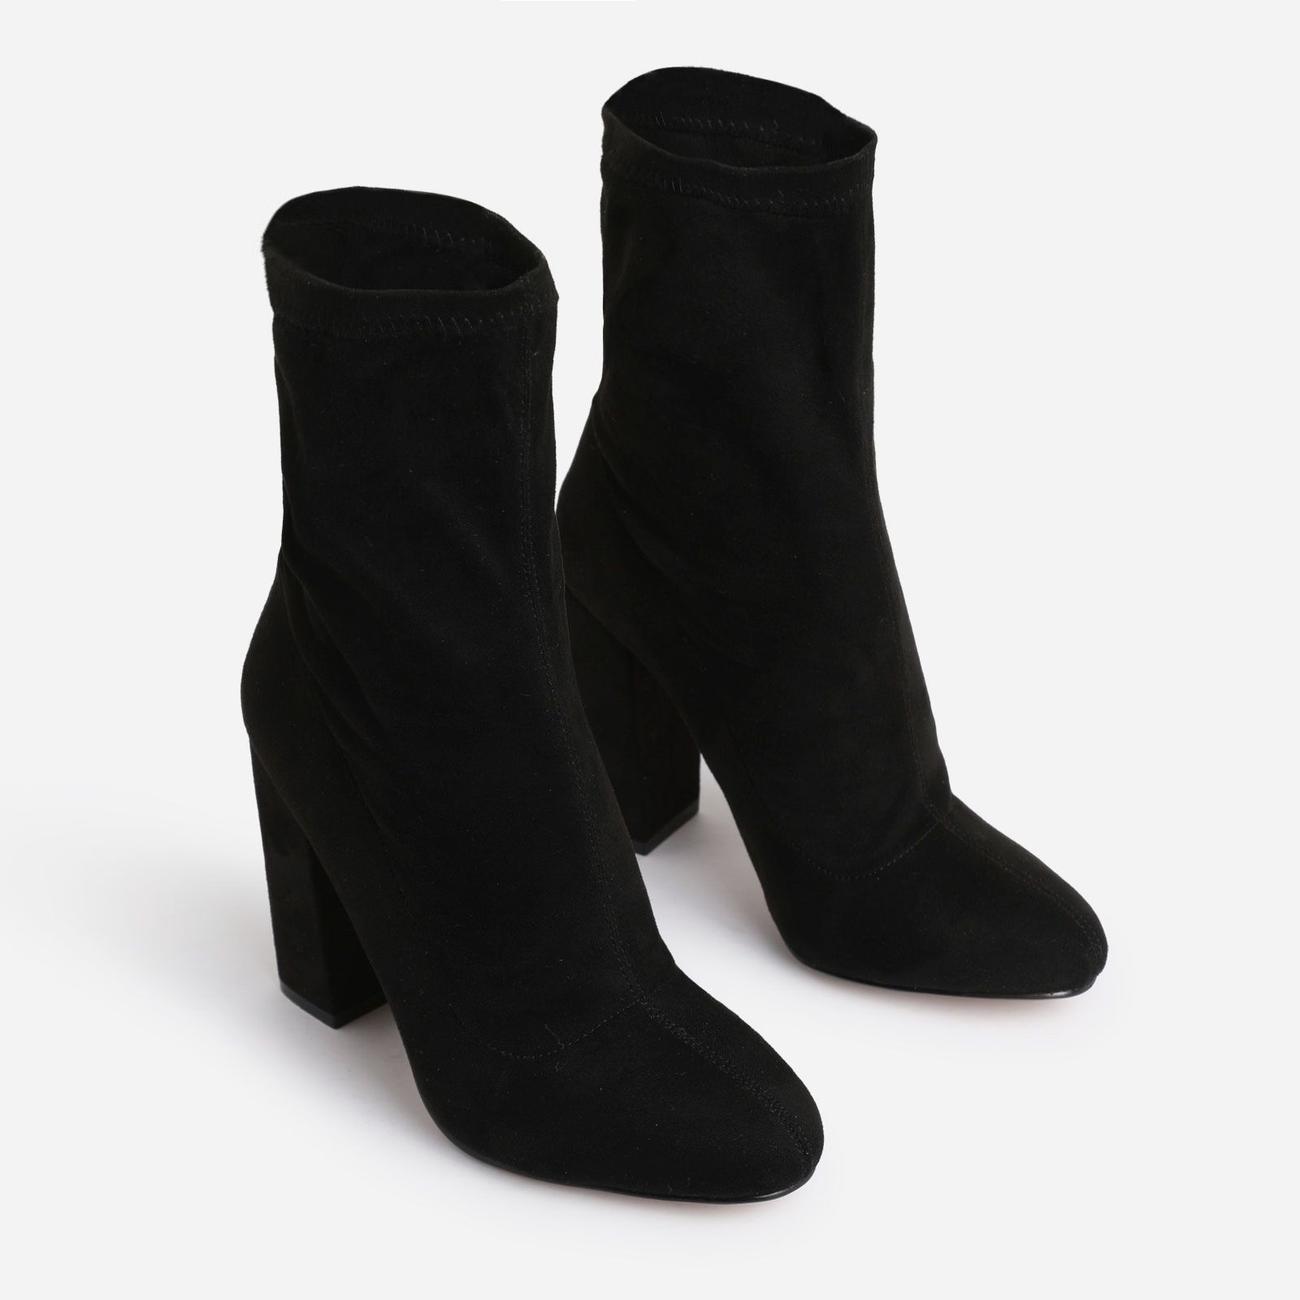 Hayden Block Heel Sock Boot In Black Faux Suede Image 2